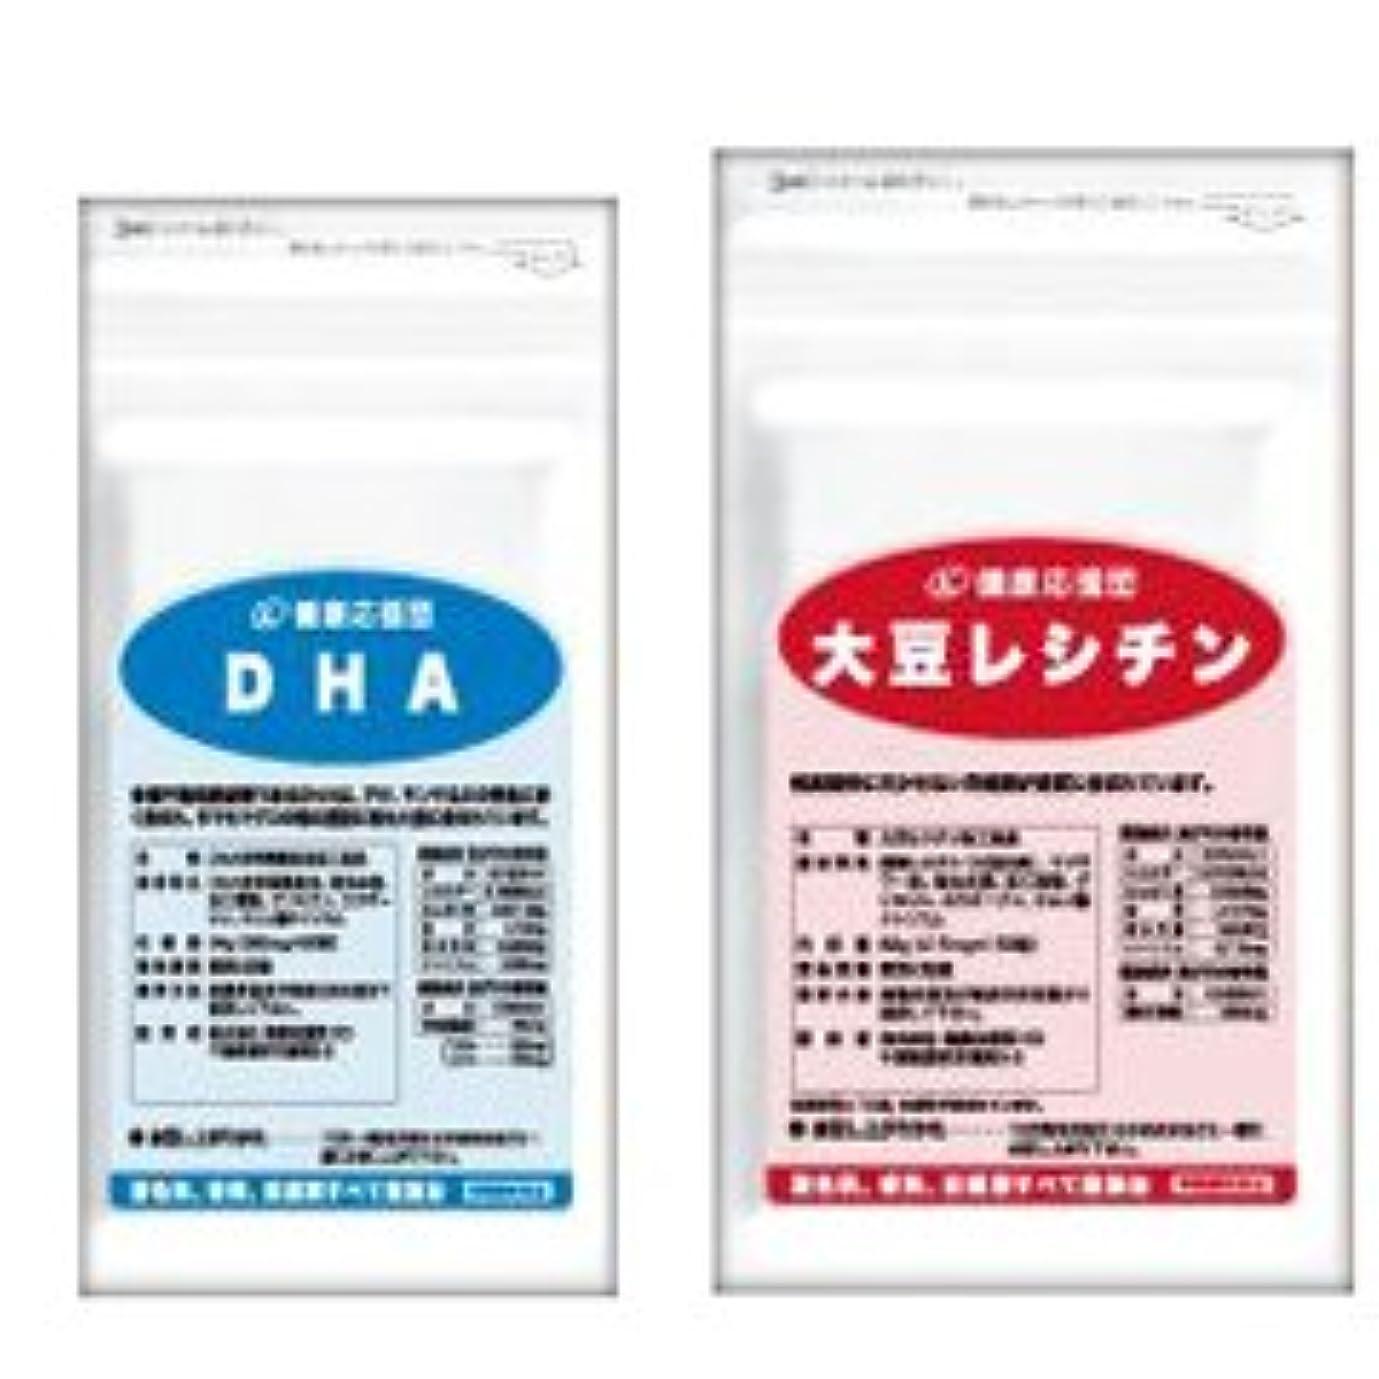 肝範囲褐色サラサラ巡りセット 大豆レシチン + DHA